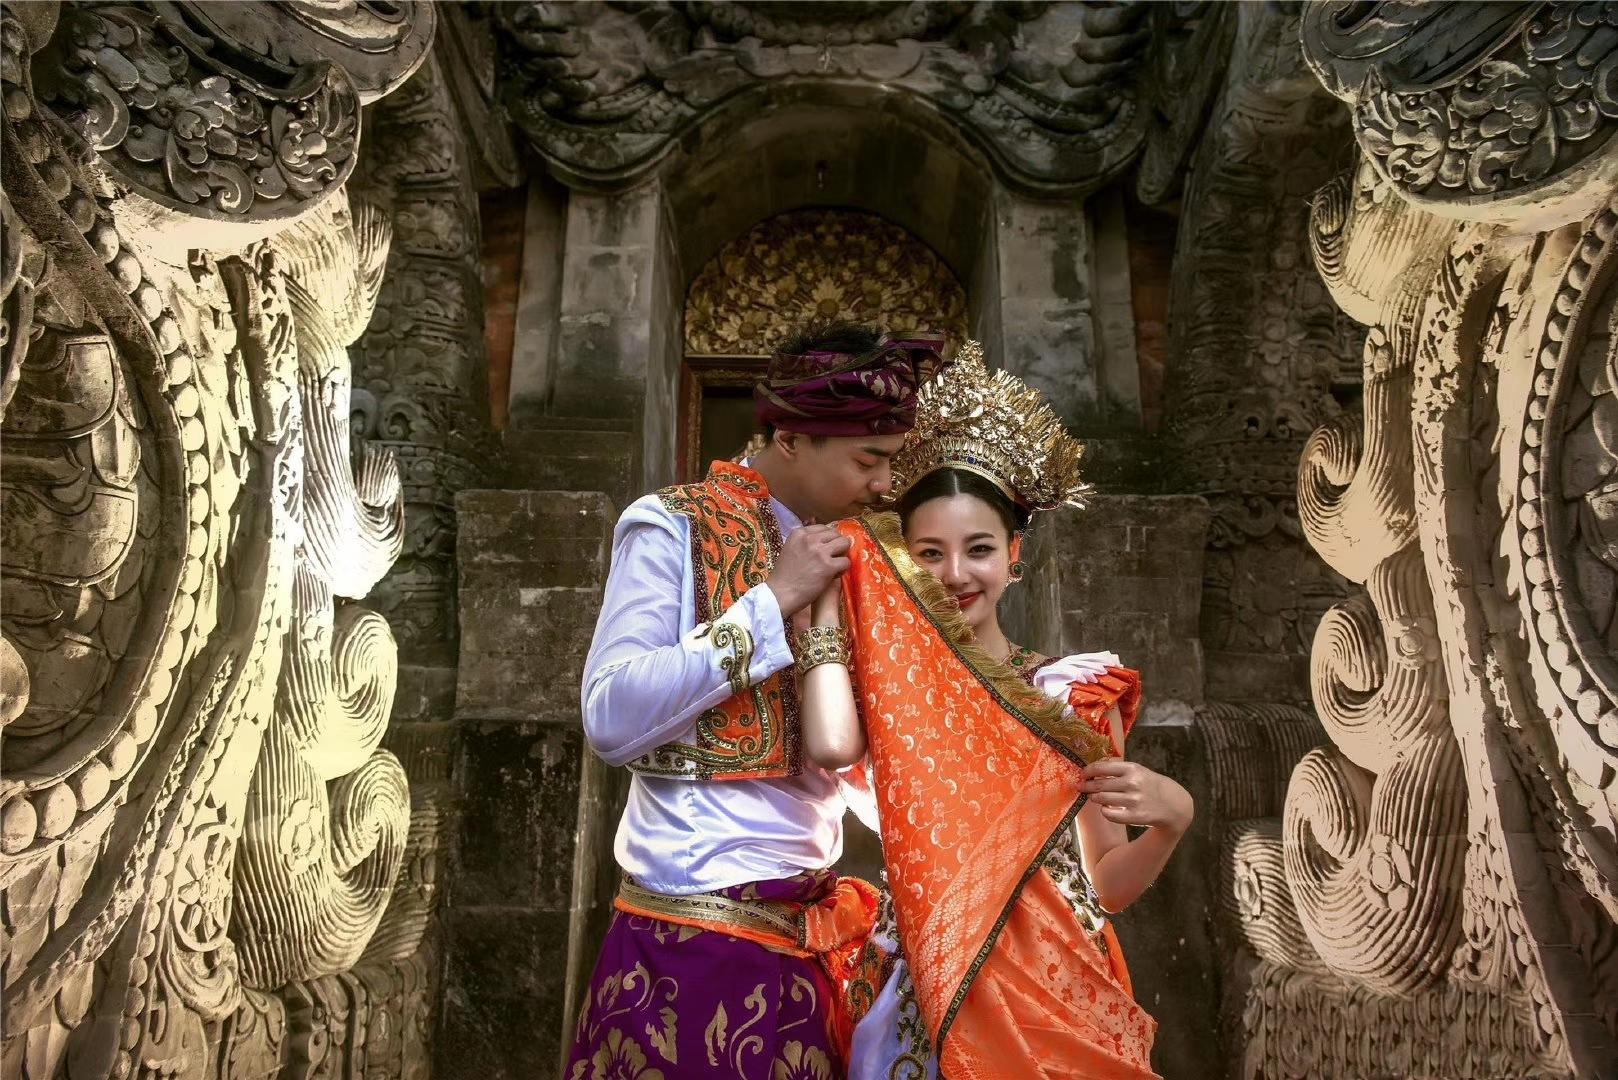 杭州旅拍婚纱摄影排行哪家好,婚纱照前十名优质商家有哪些值得推荐